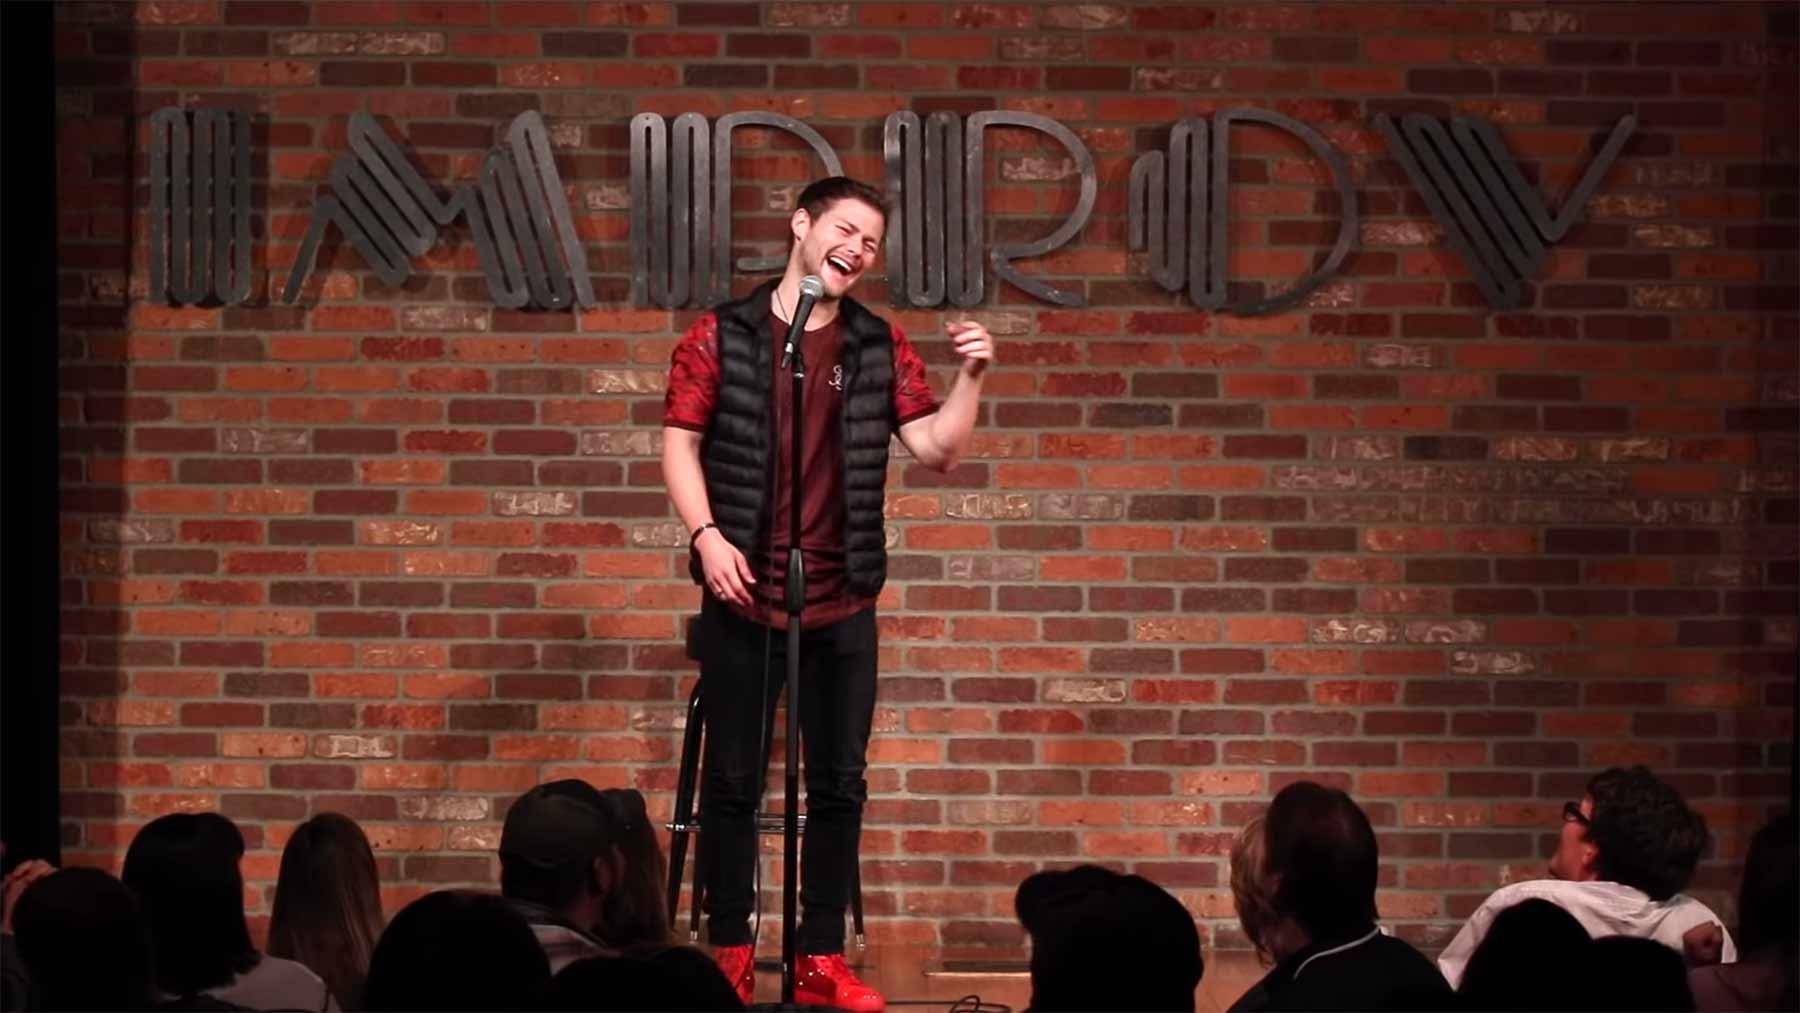 Comedian errät zufällig Namen einer lachenden Zuschauerin